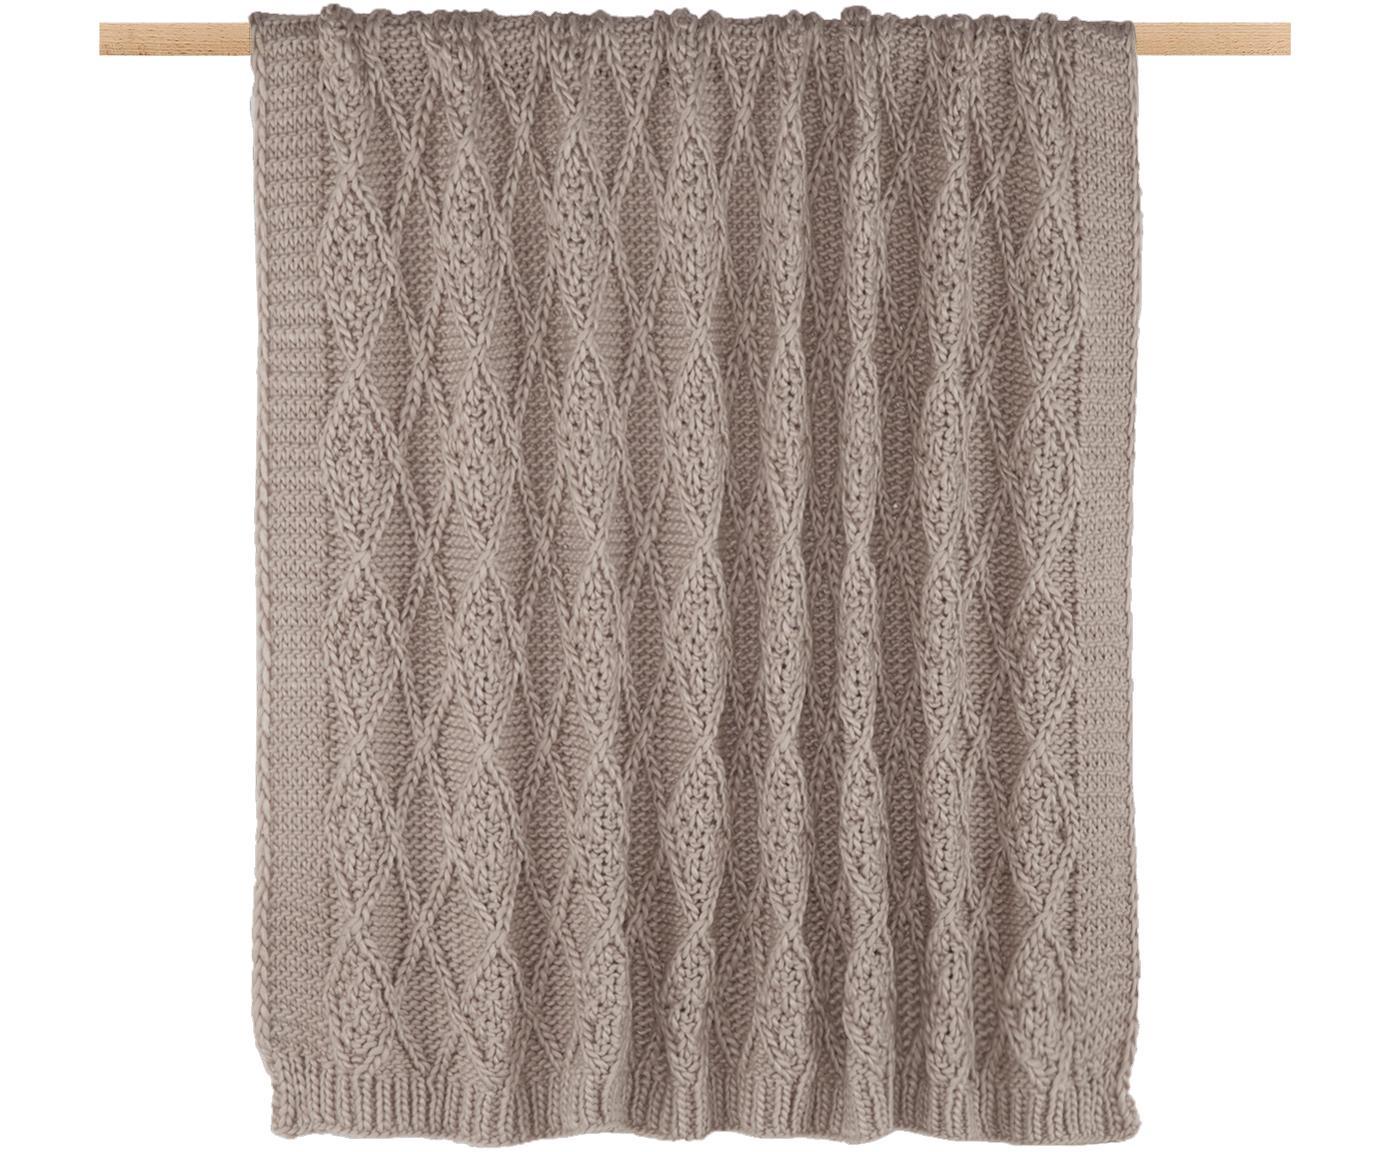 Manta tejida Darcy, Poliacrílico, Gris pardo, An 130 x L 170 cm